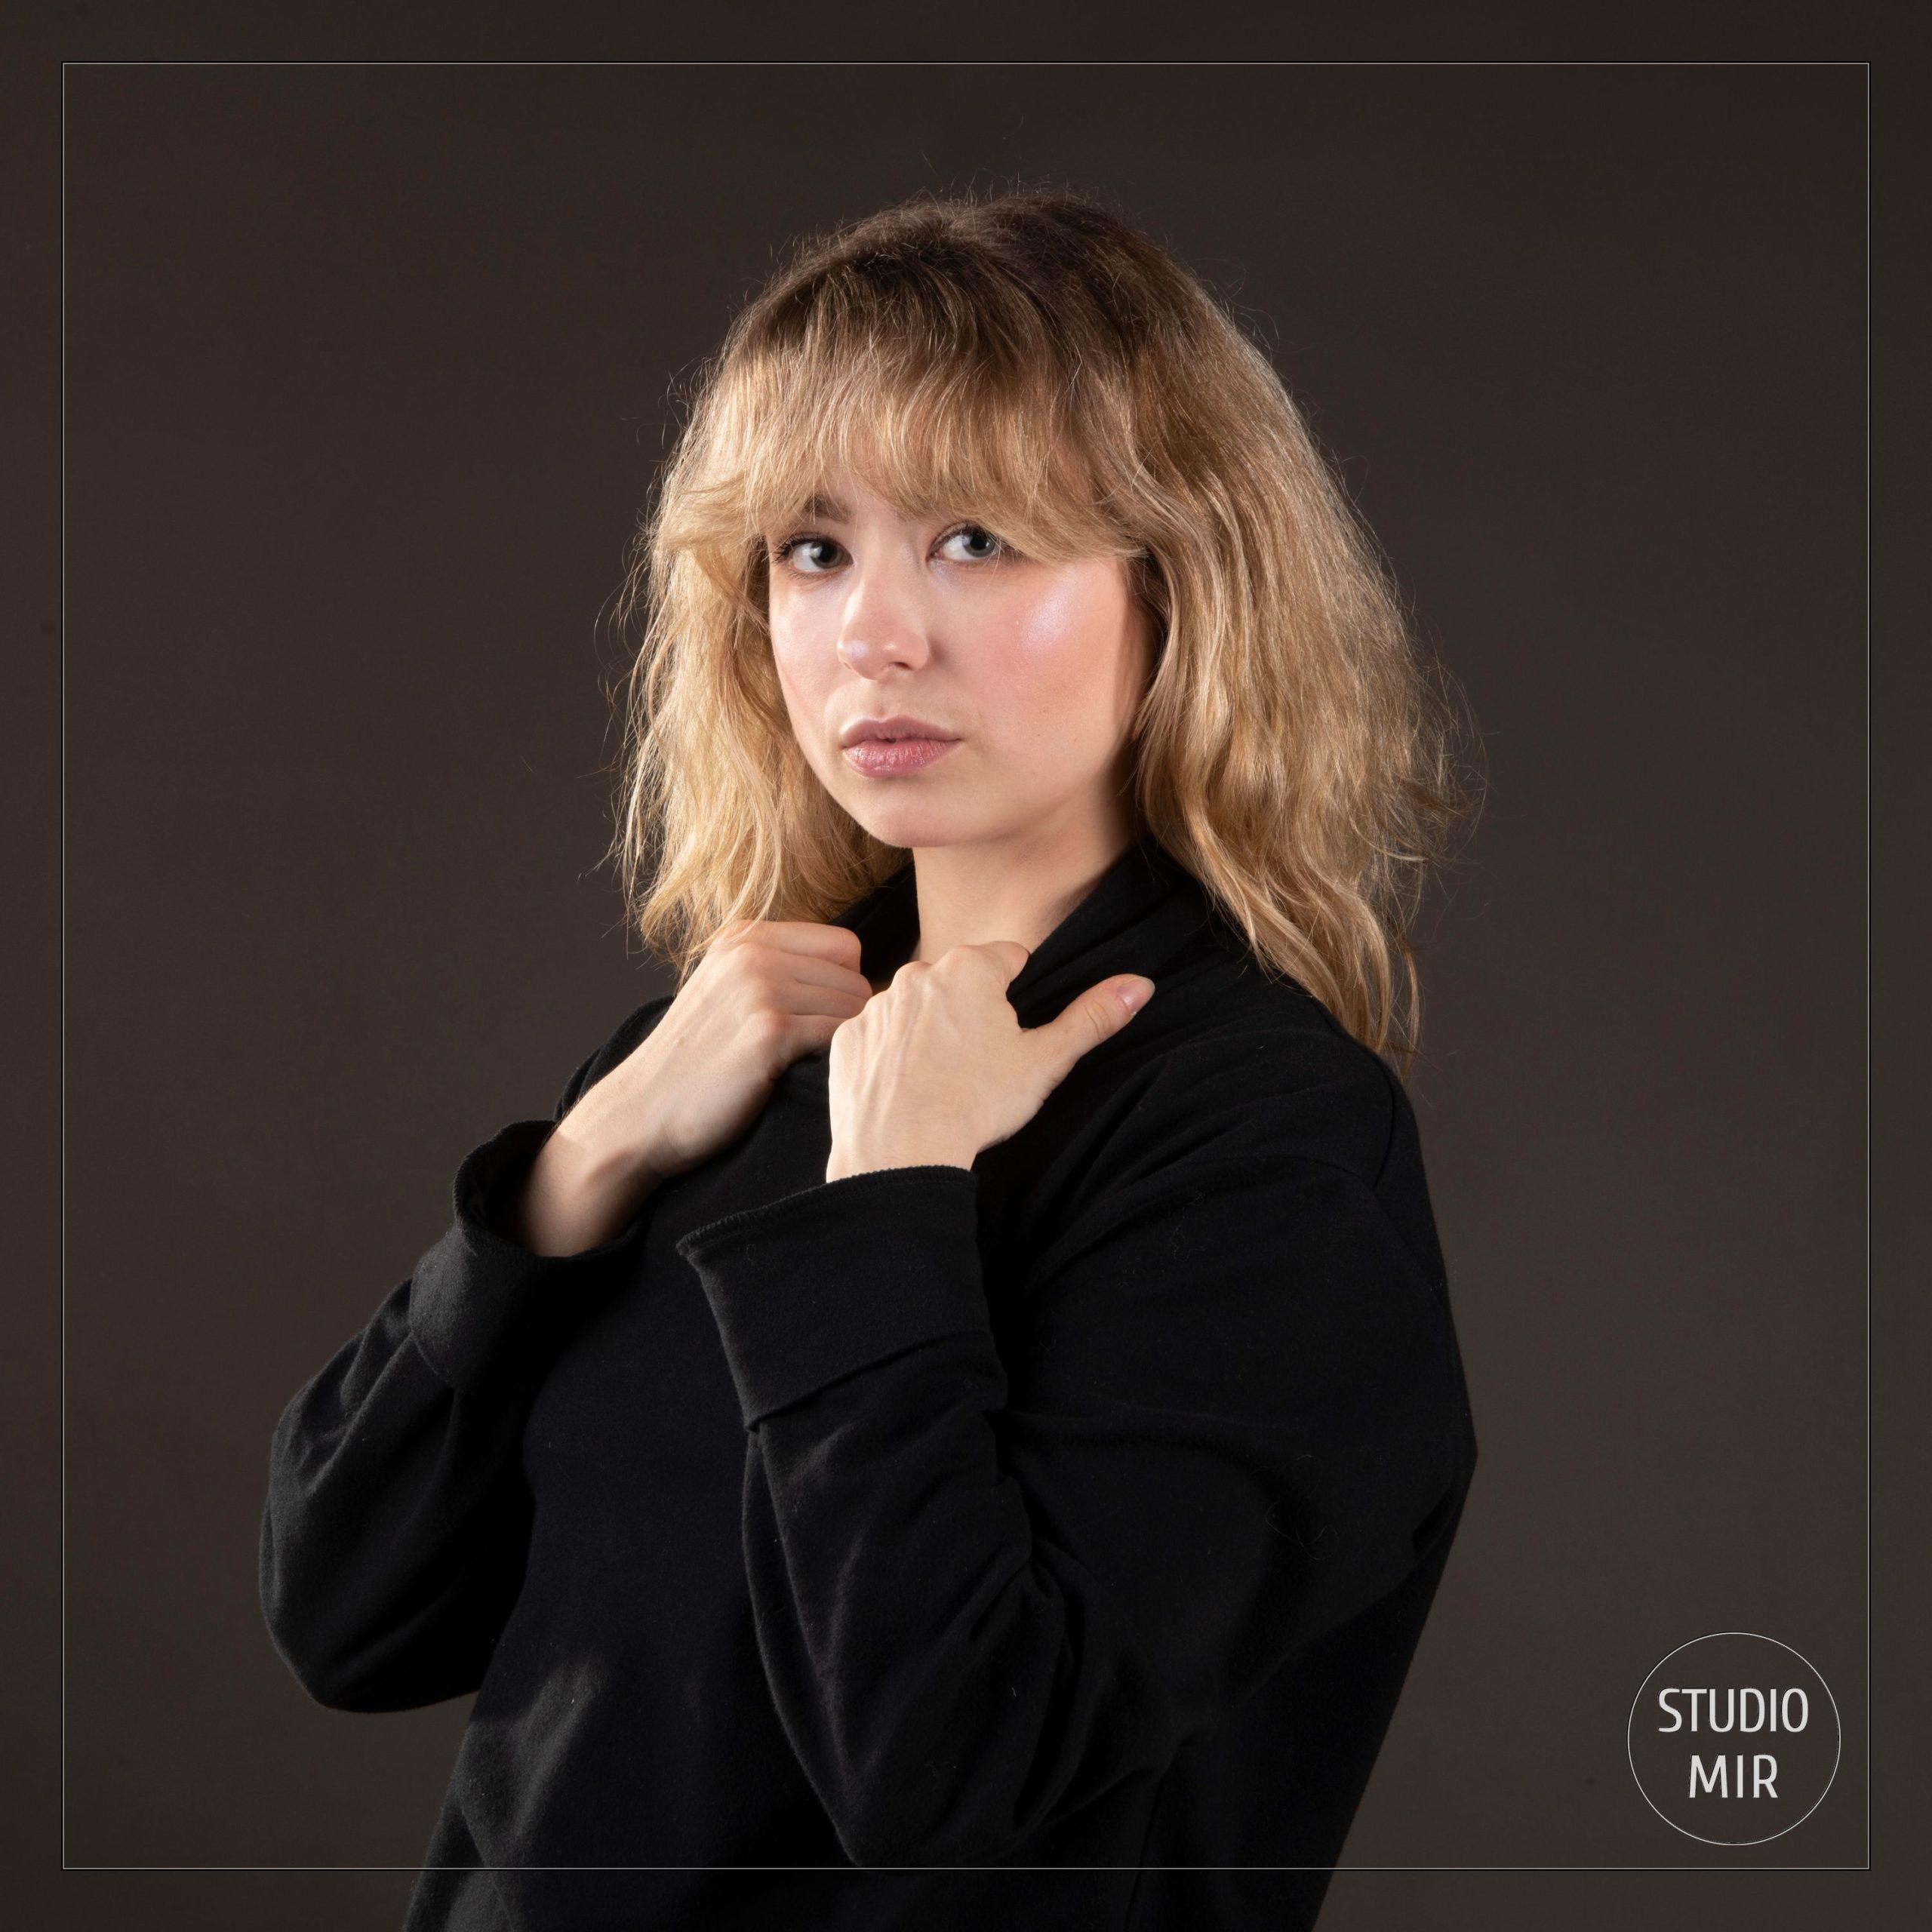 studio photo professionnel près de Paris: séance photo femme sur décor sombre